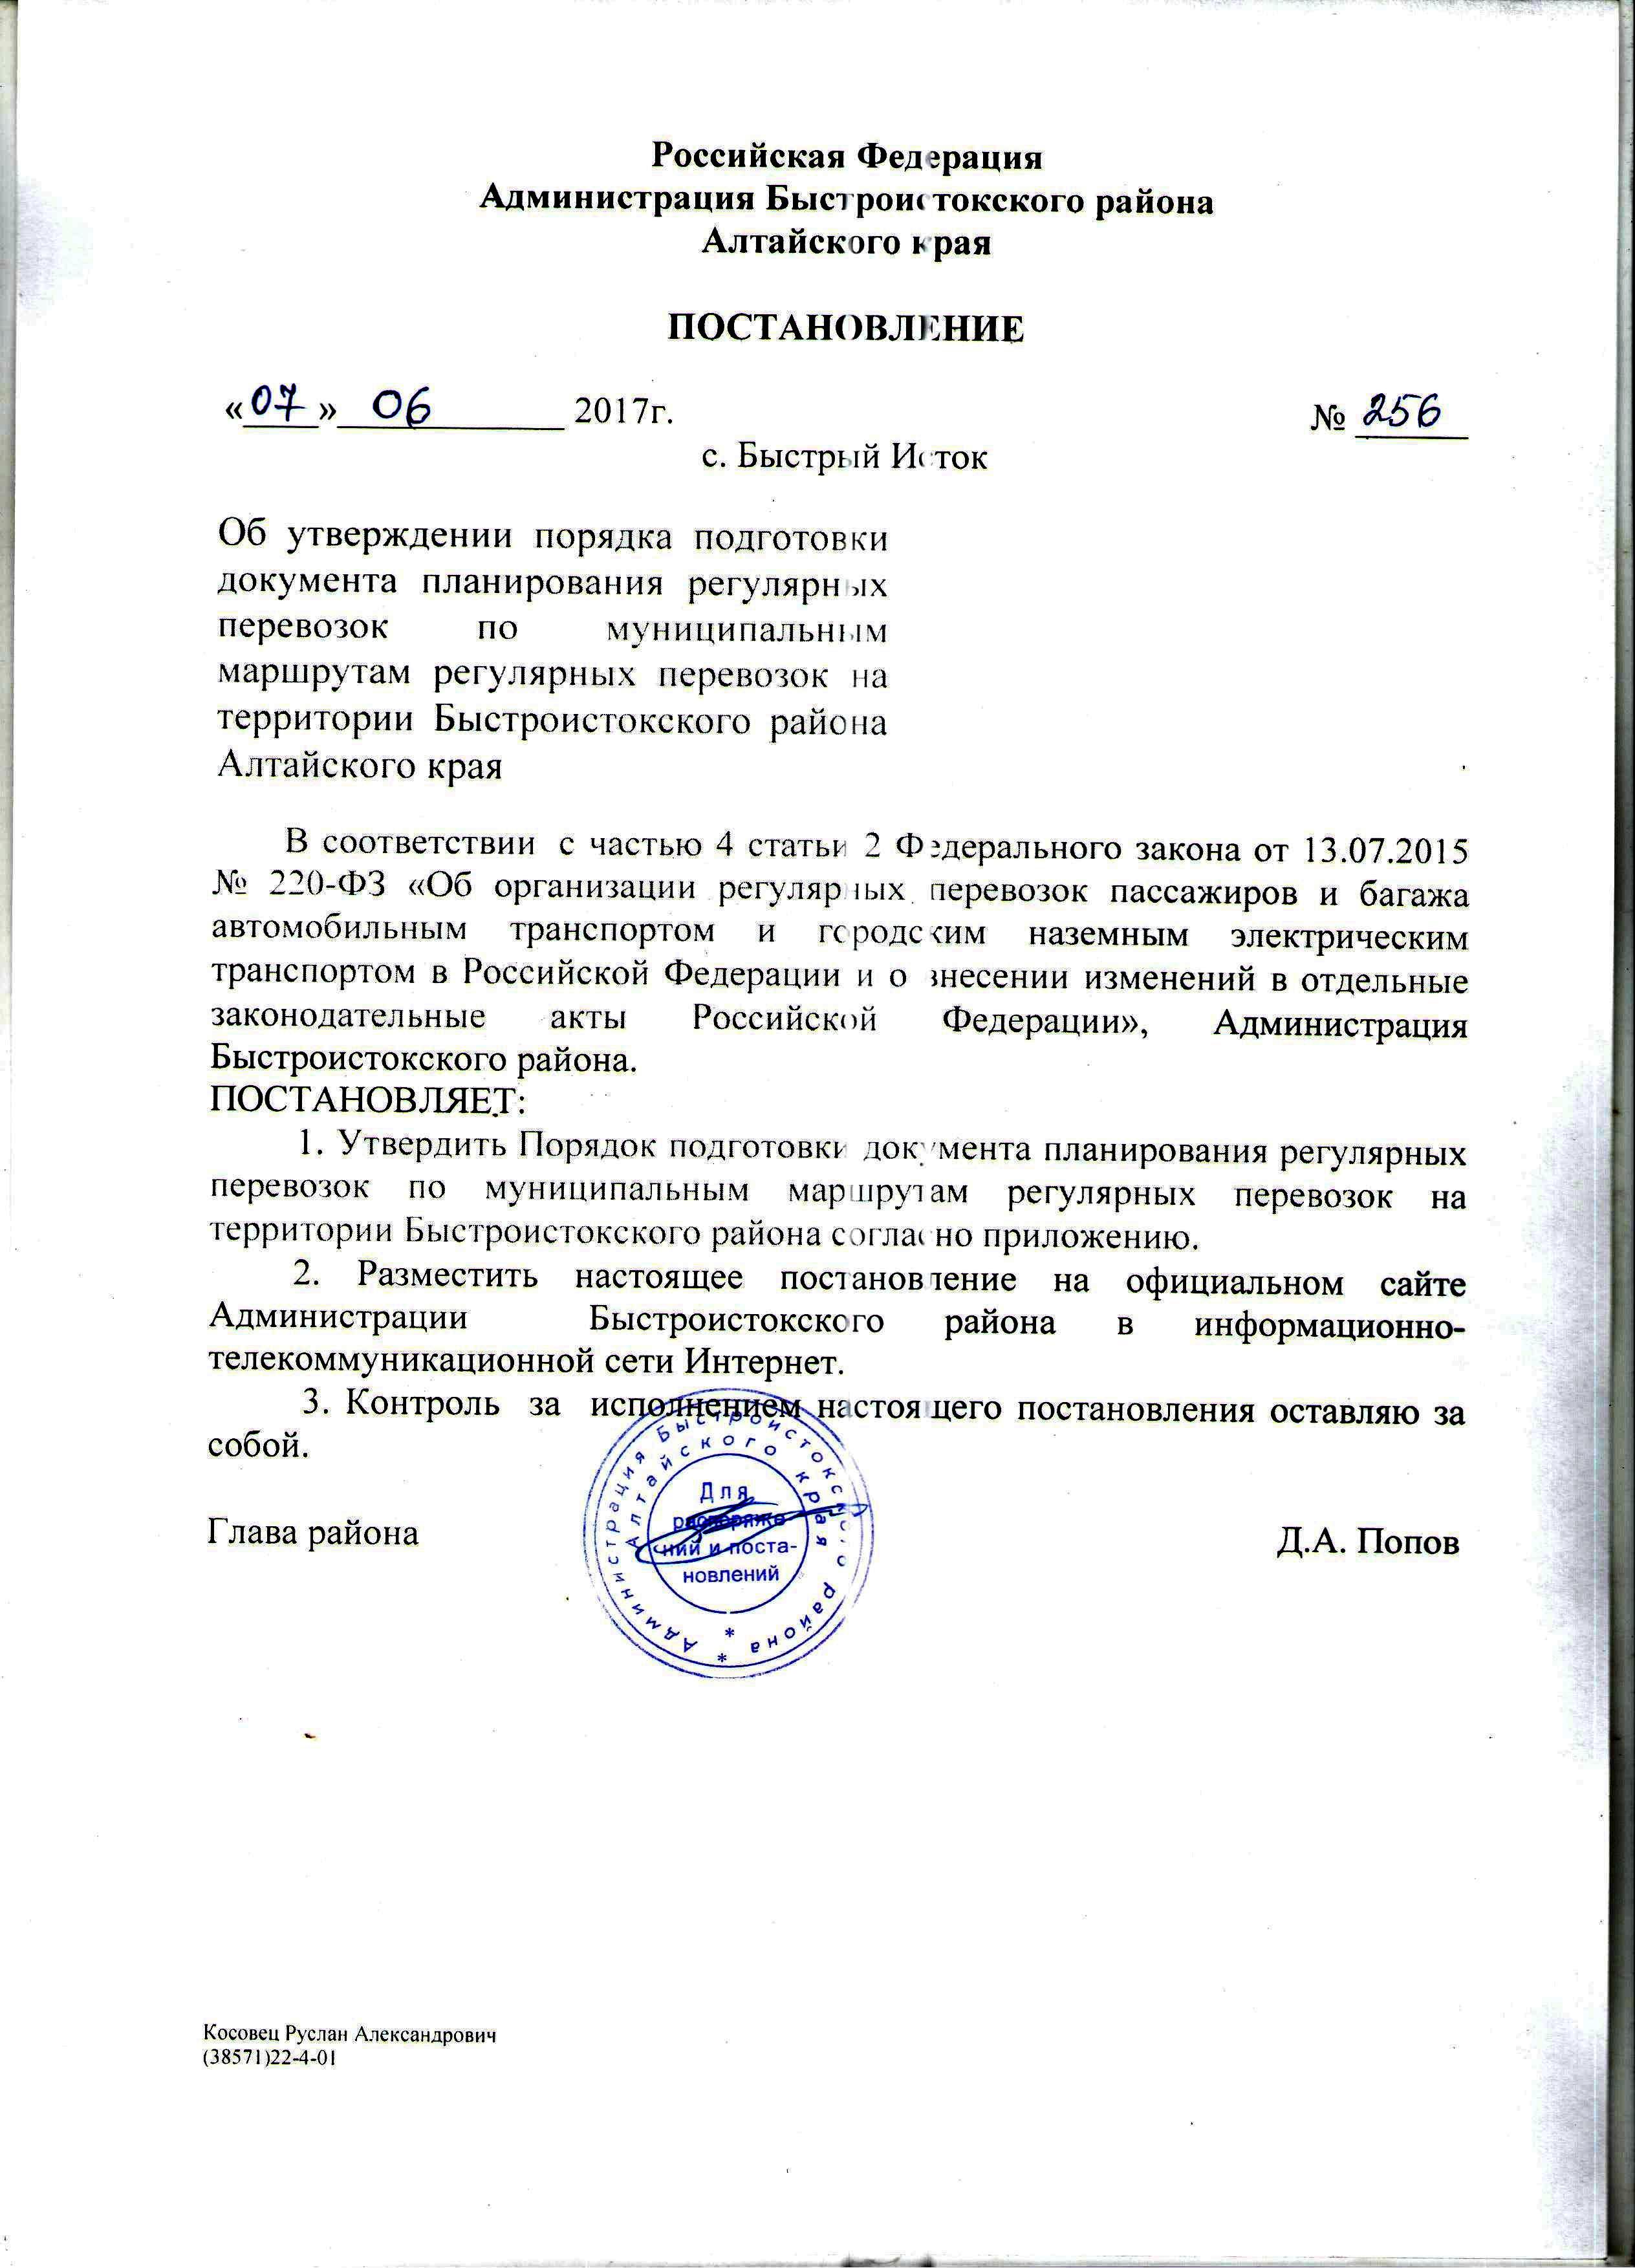 Договор о целевом приеме - Российский государственный